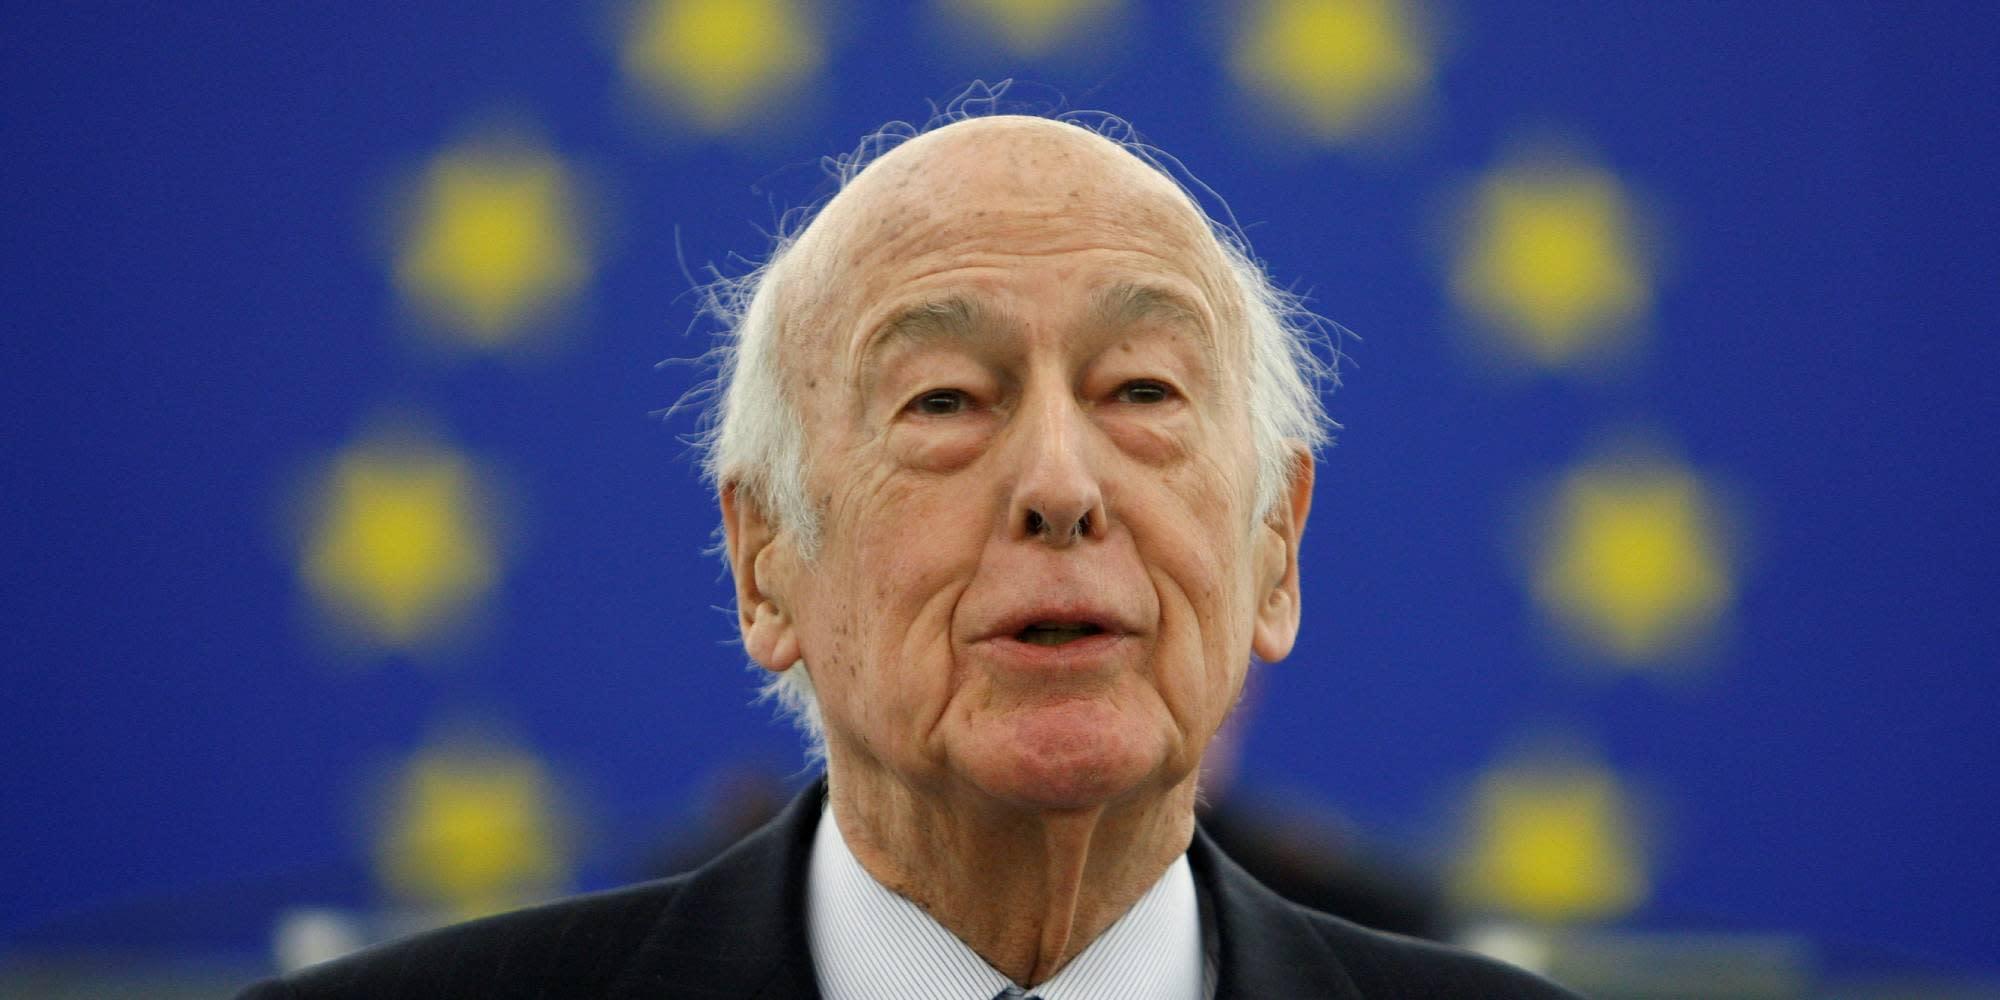 Valéry Giscard d'Estaing : des obsèques sans cérémonie publique, une première dans la Ve République